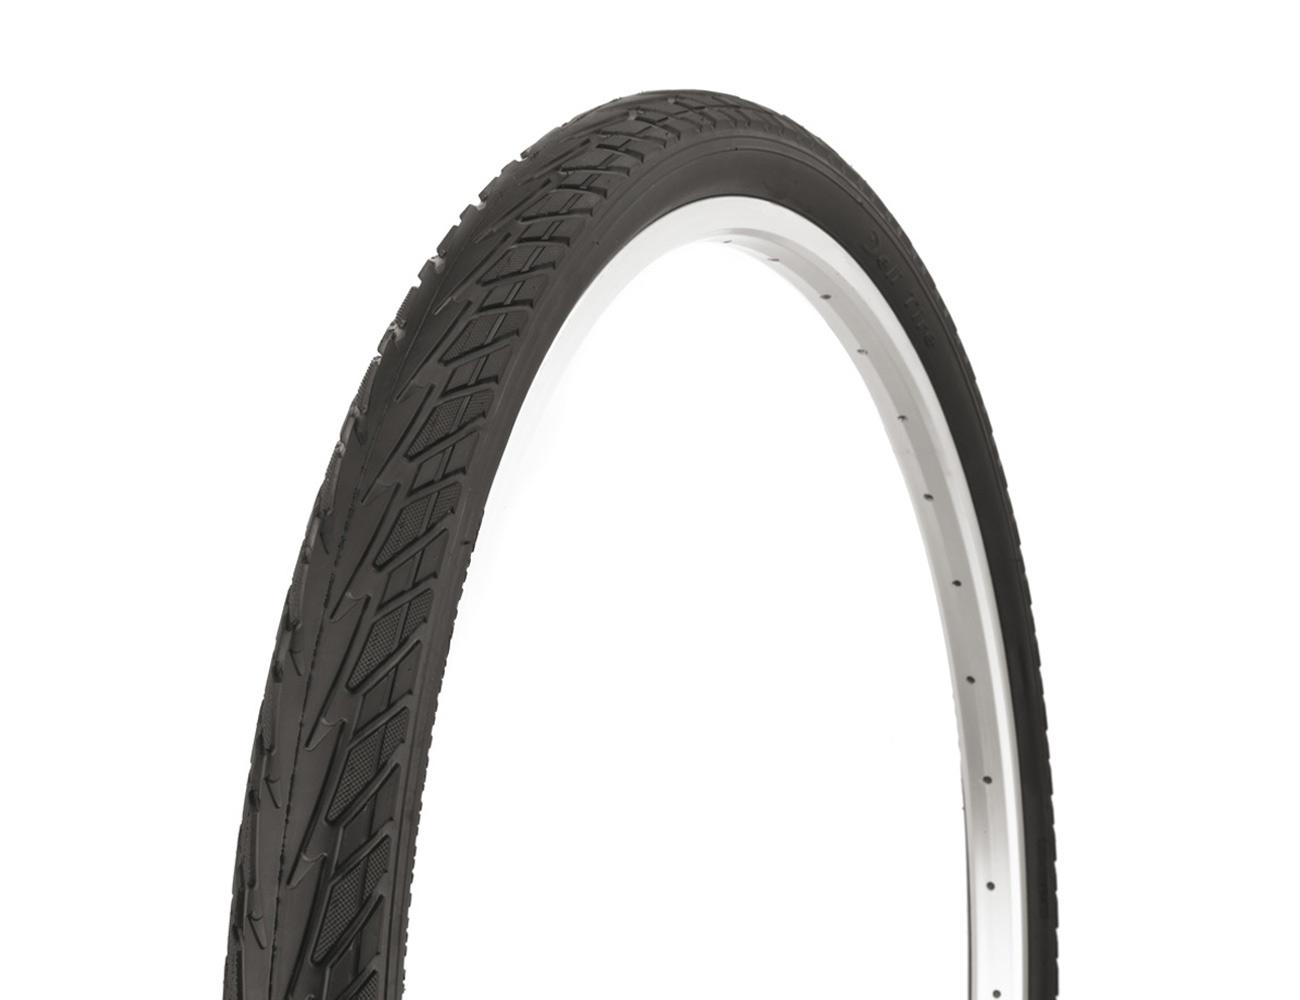 Pneu Deli Tire Blue Way 26 x 1.75 Protect Liner VAE TR Noir